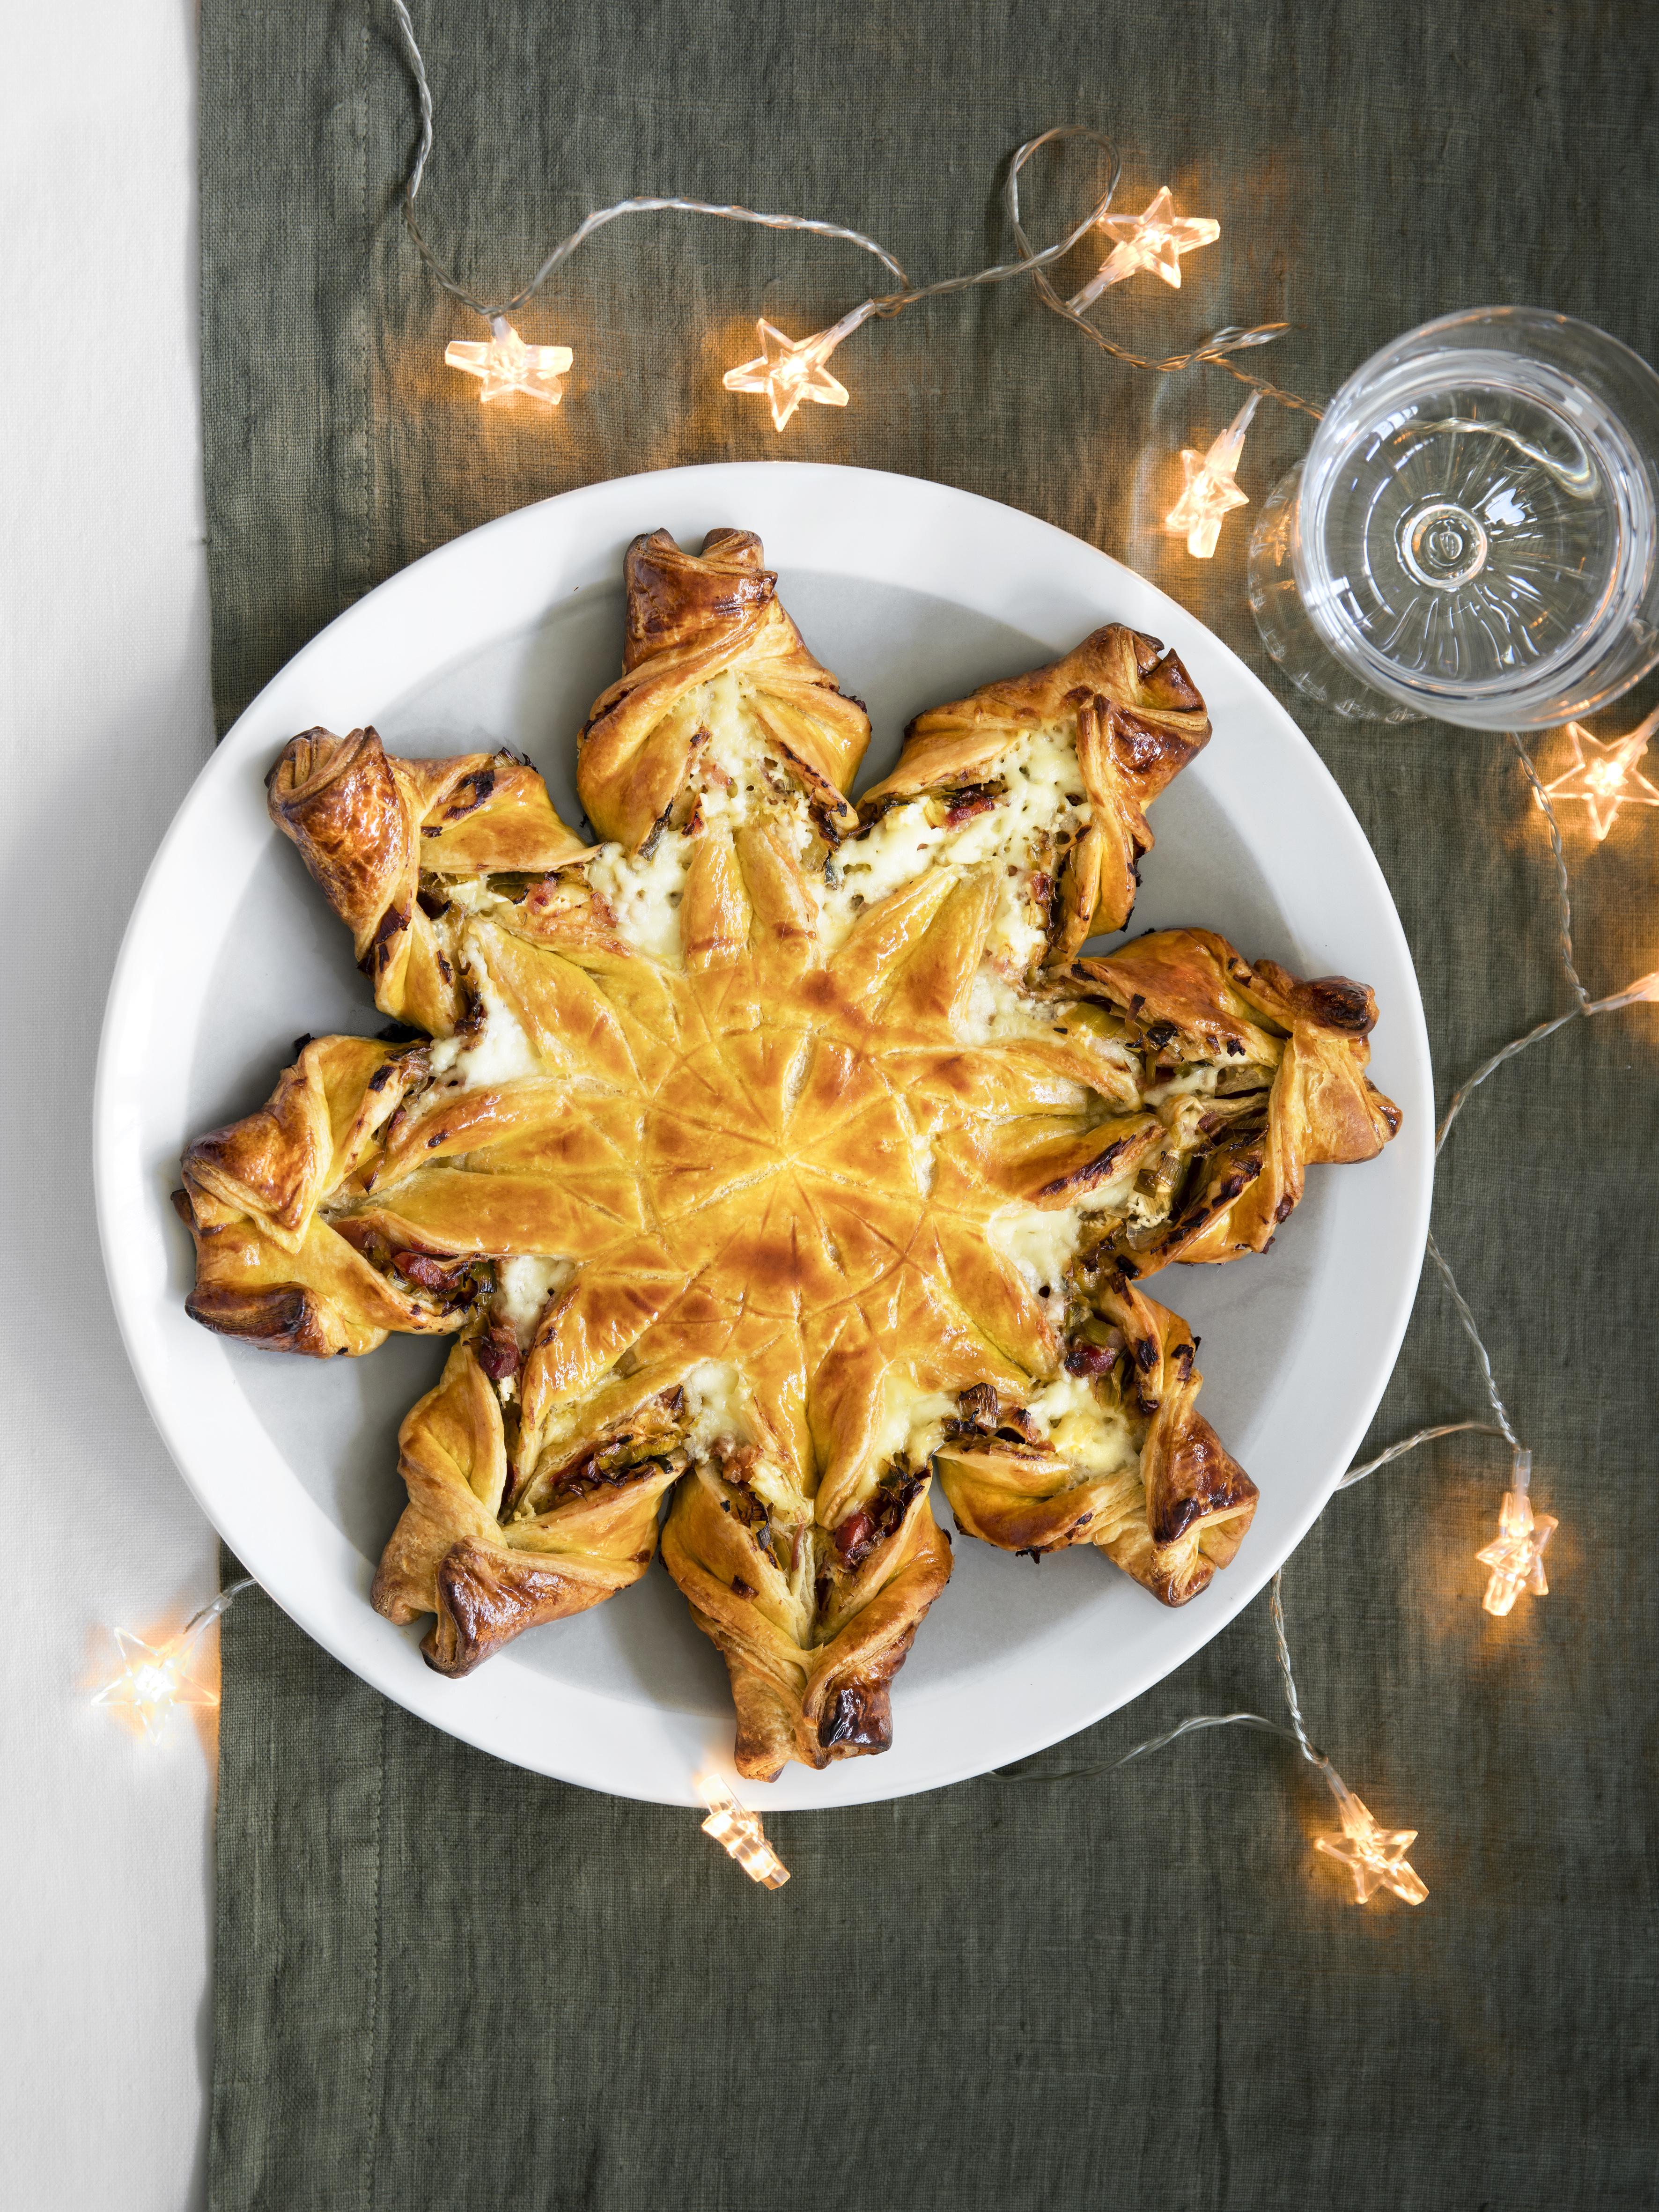 Torta Salata Stella Di Natale.Torta Salata Stella Di Natale Con Pancetta Affumicata